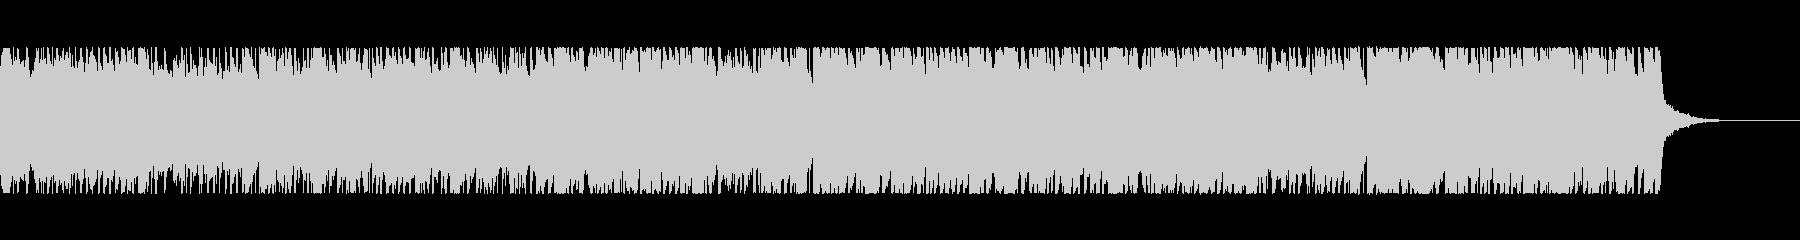 中世の雰囲気を意識したバロック風BGMの未再生の波形